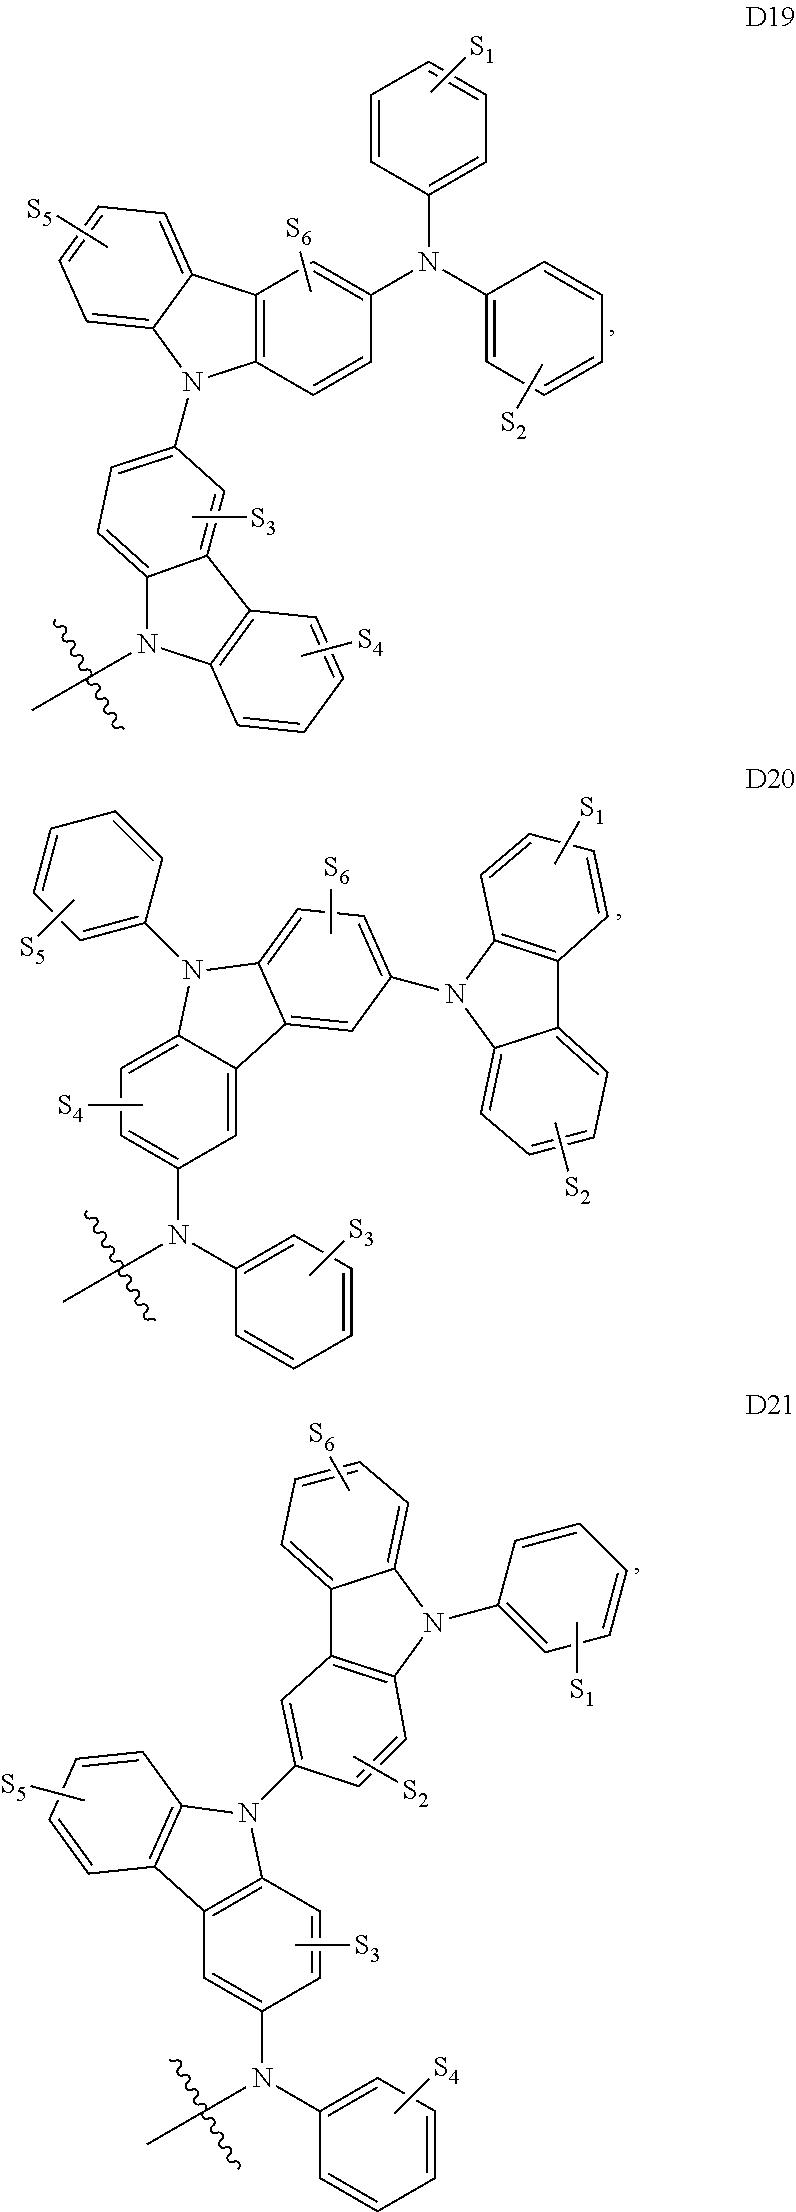 Figure US09537106-20170103-C00571